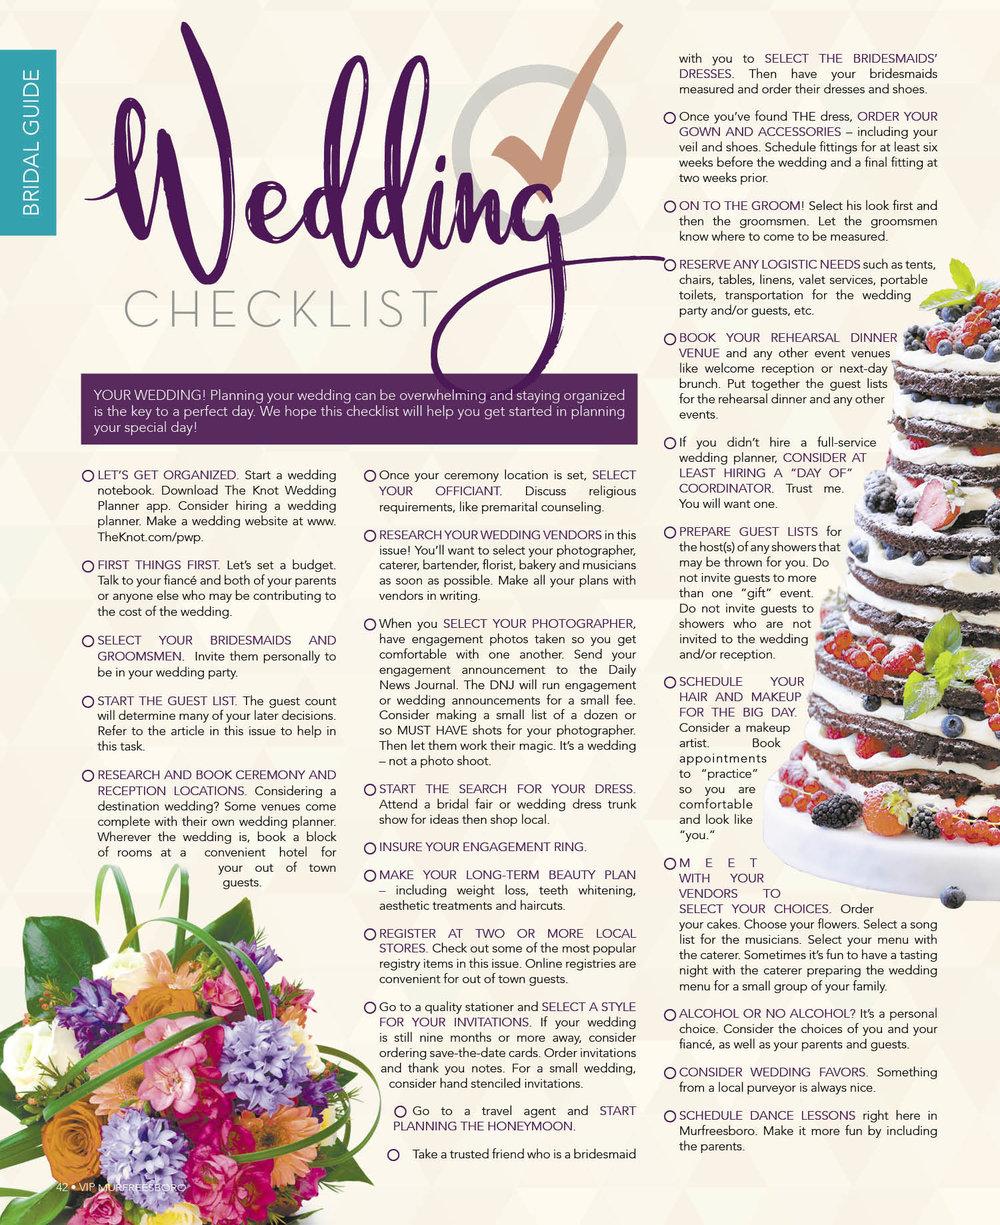 043_ED_Wedding_Checklist.jpg